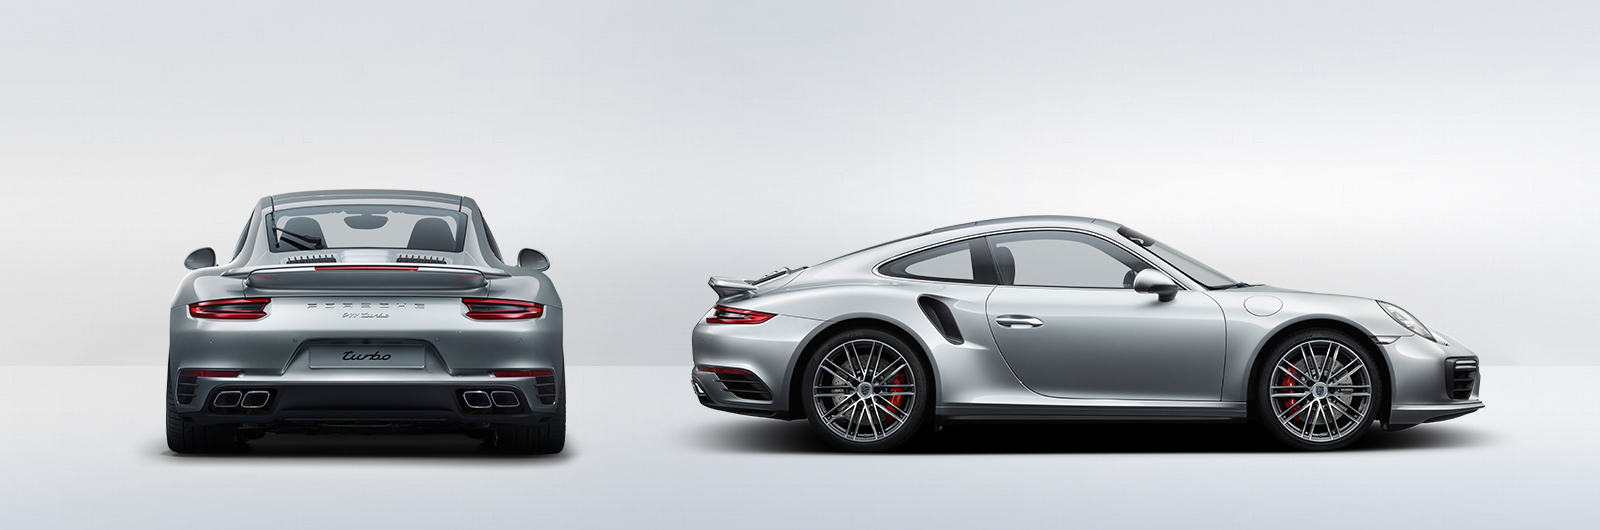 Porsche 911 turbo technical specs porsche ag vanachro Gallery